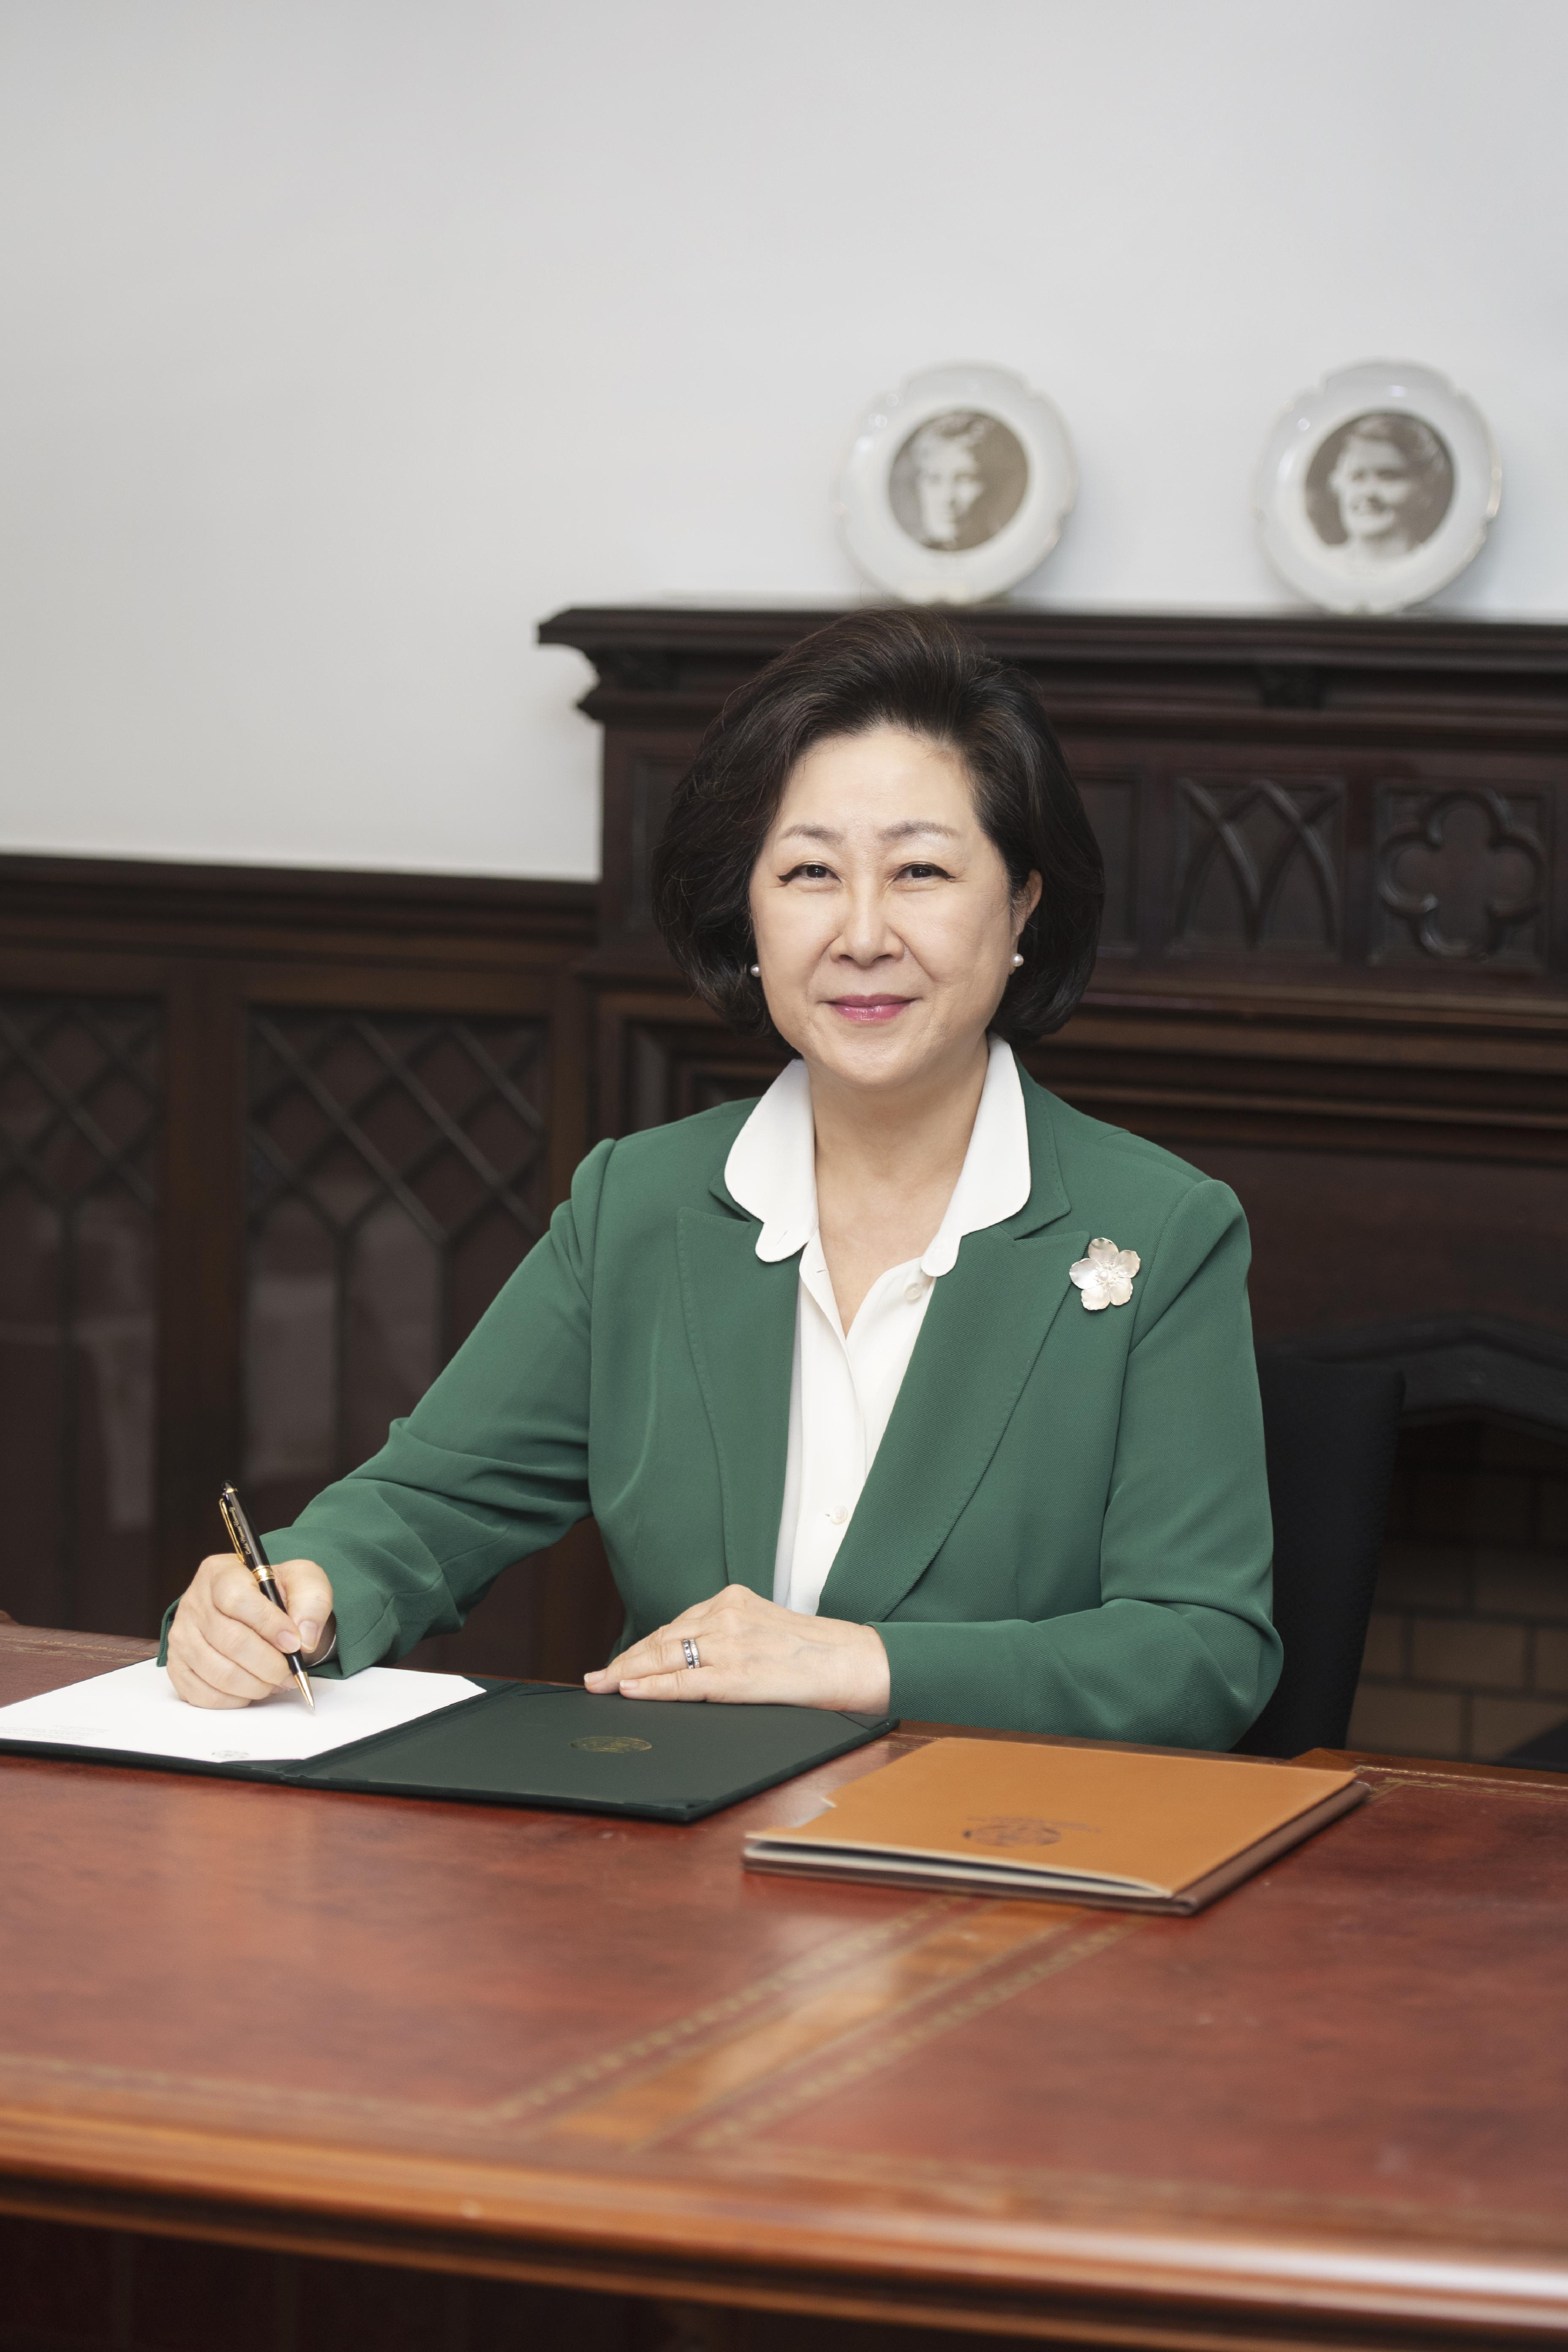 김은미(金恩美) 교수님 사진